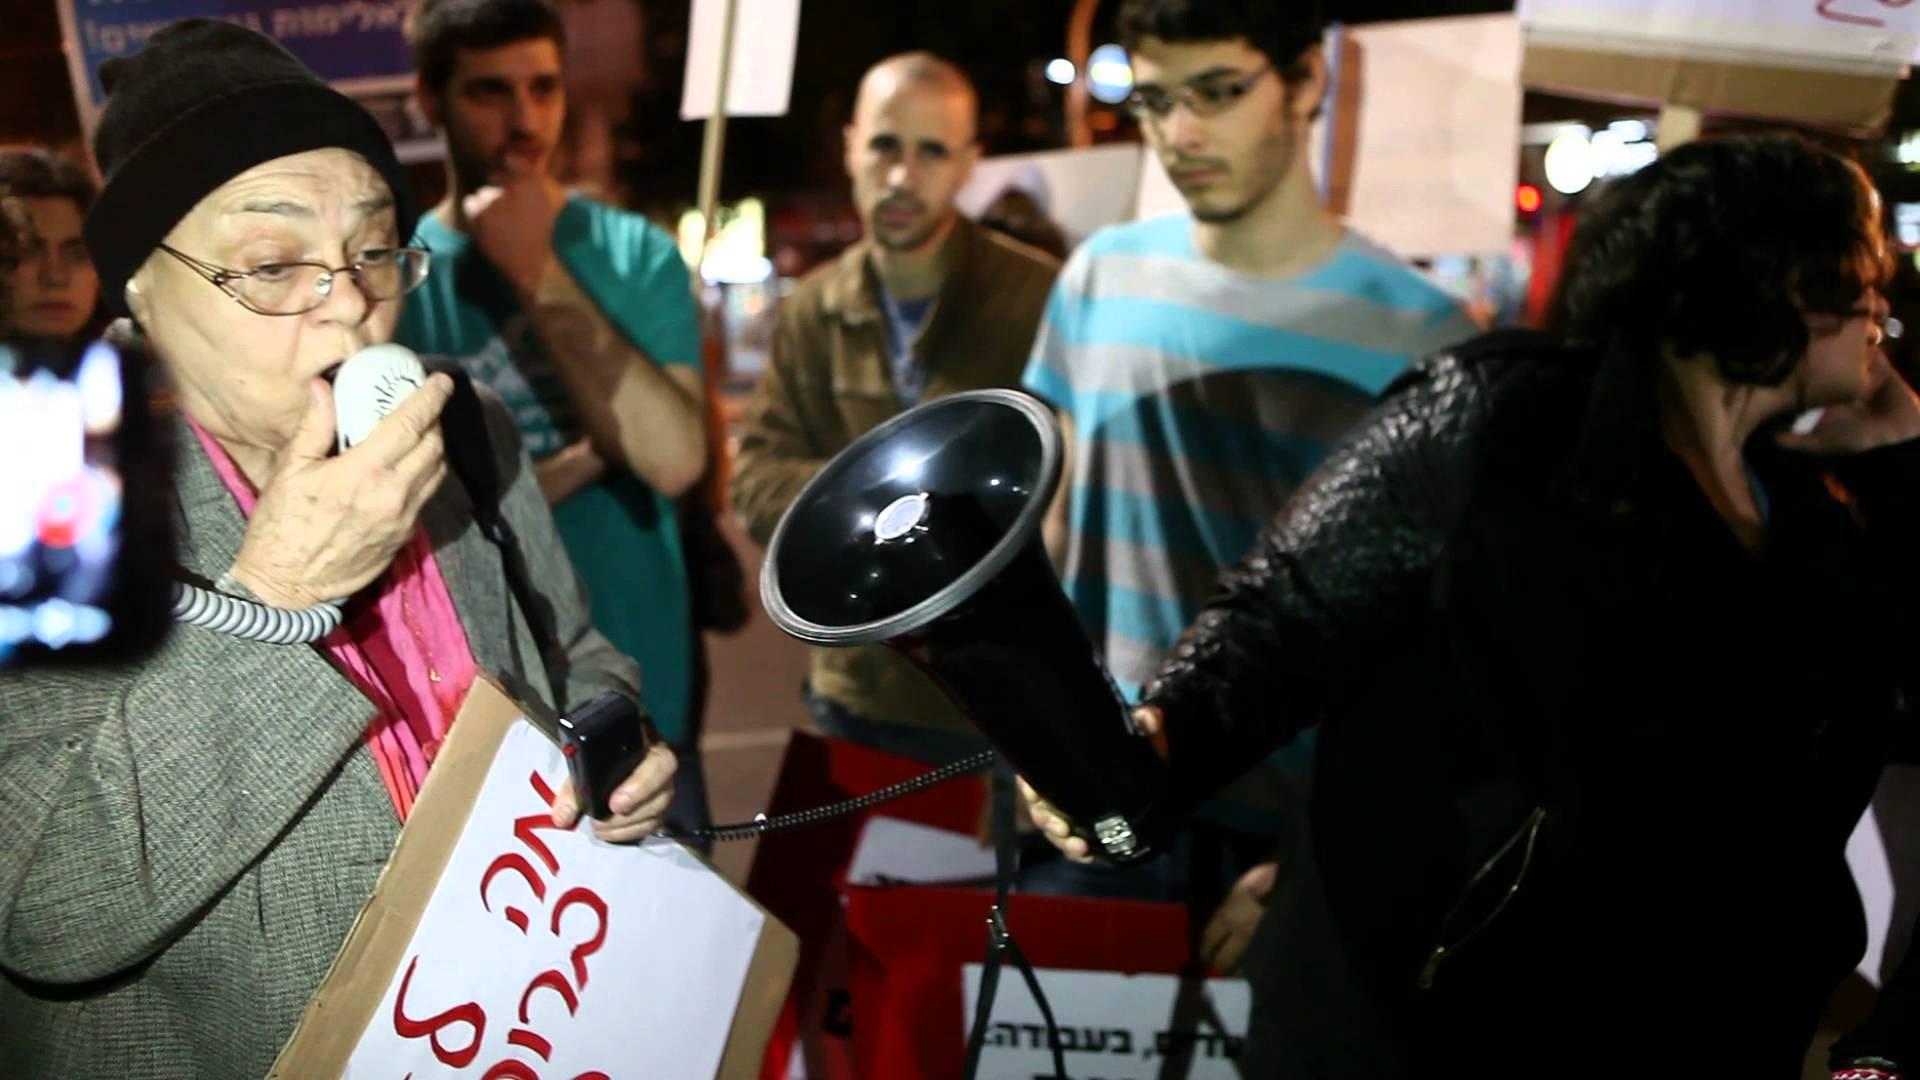 המאבק באלימות נגד נשים הוא מאבק למען חברה ללא אלימות / אסתר עילם